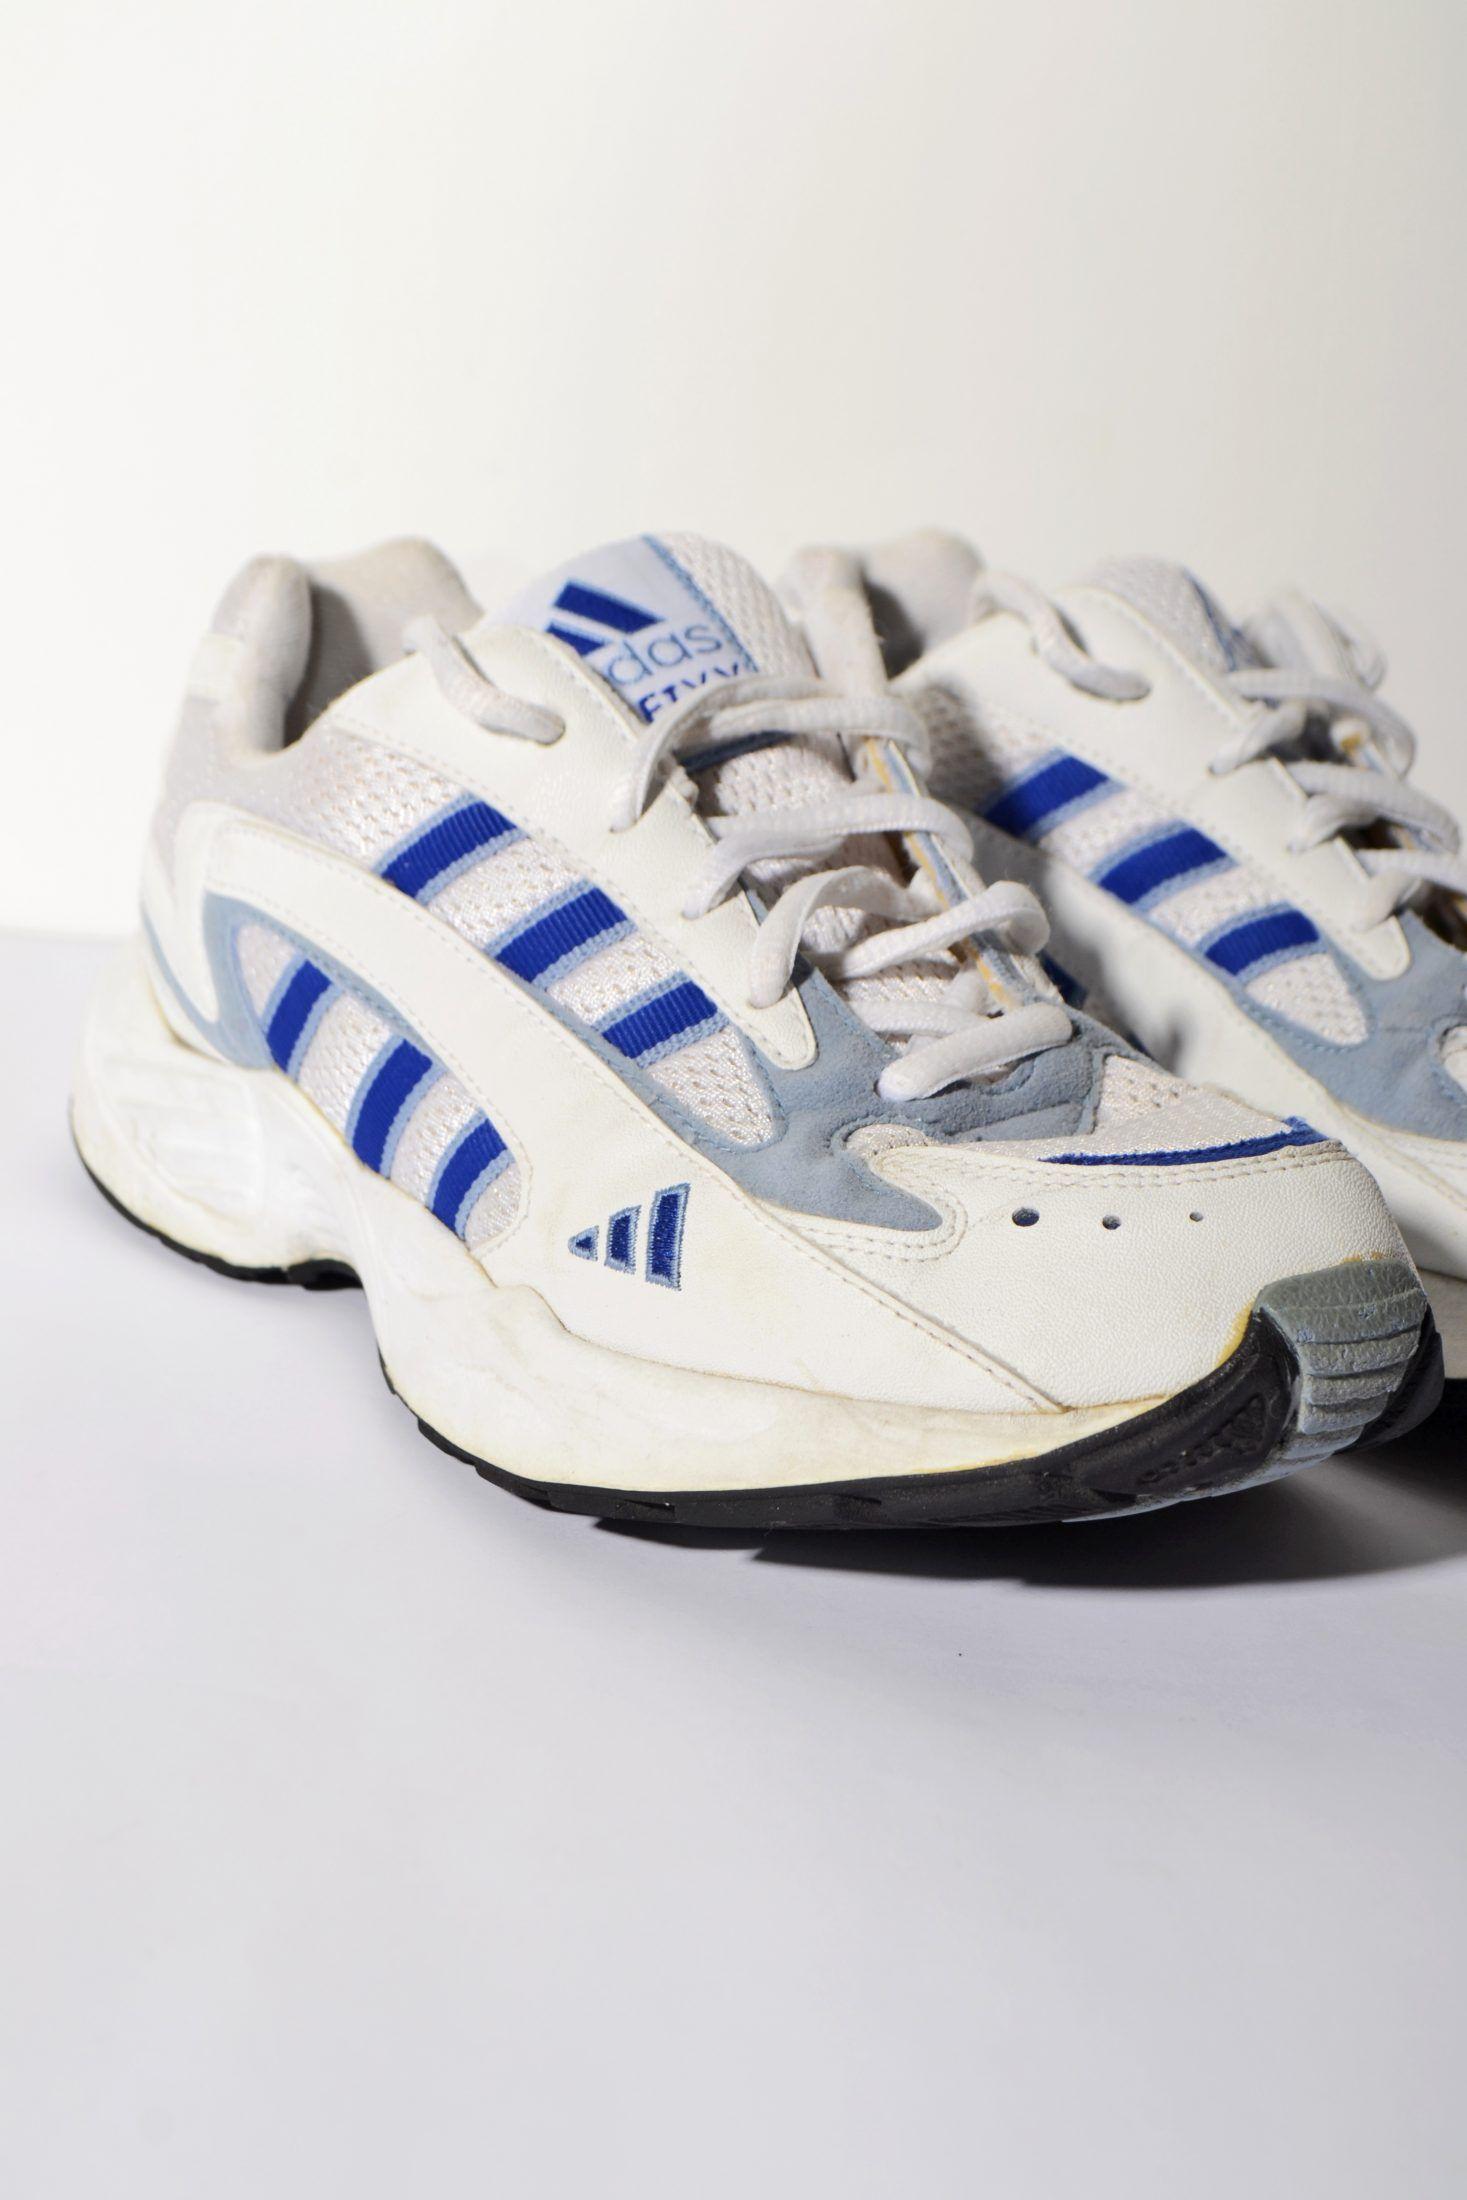 Adidas vintage 90s look sneakers